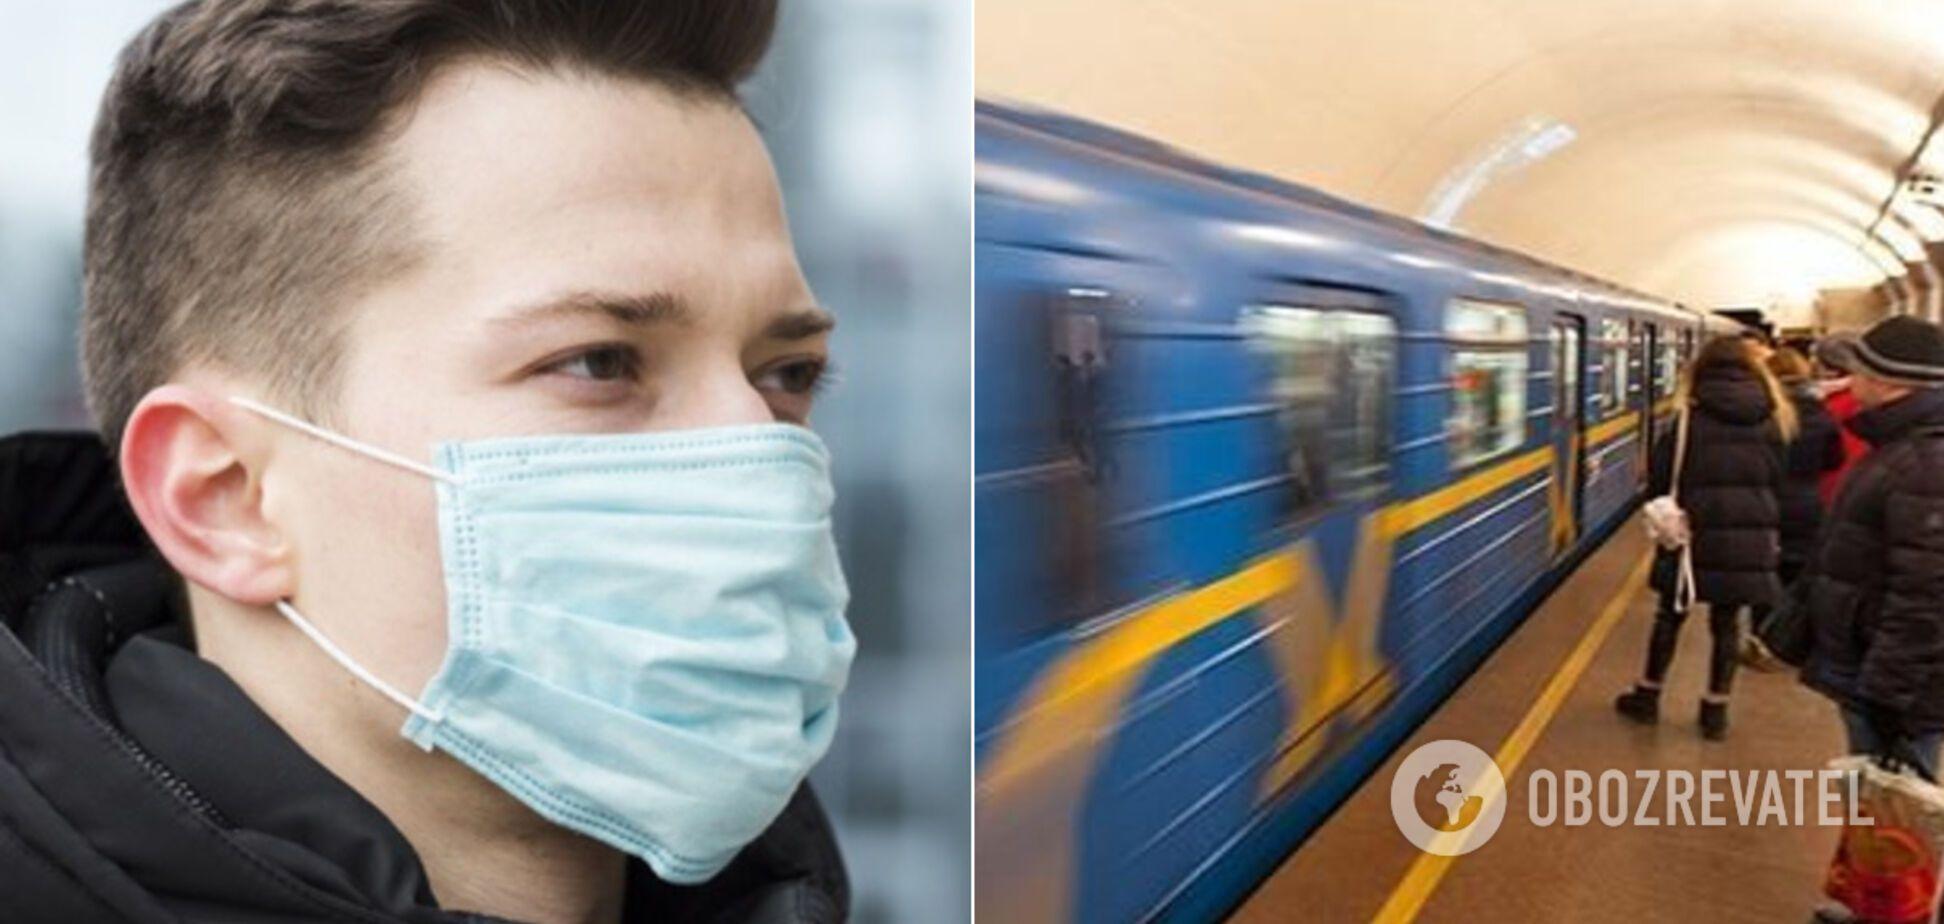 Носити маски в метро та іншому транспорті України доведеться два роки – лікарка